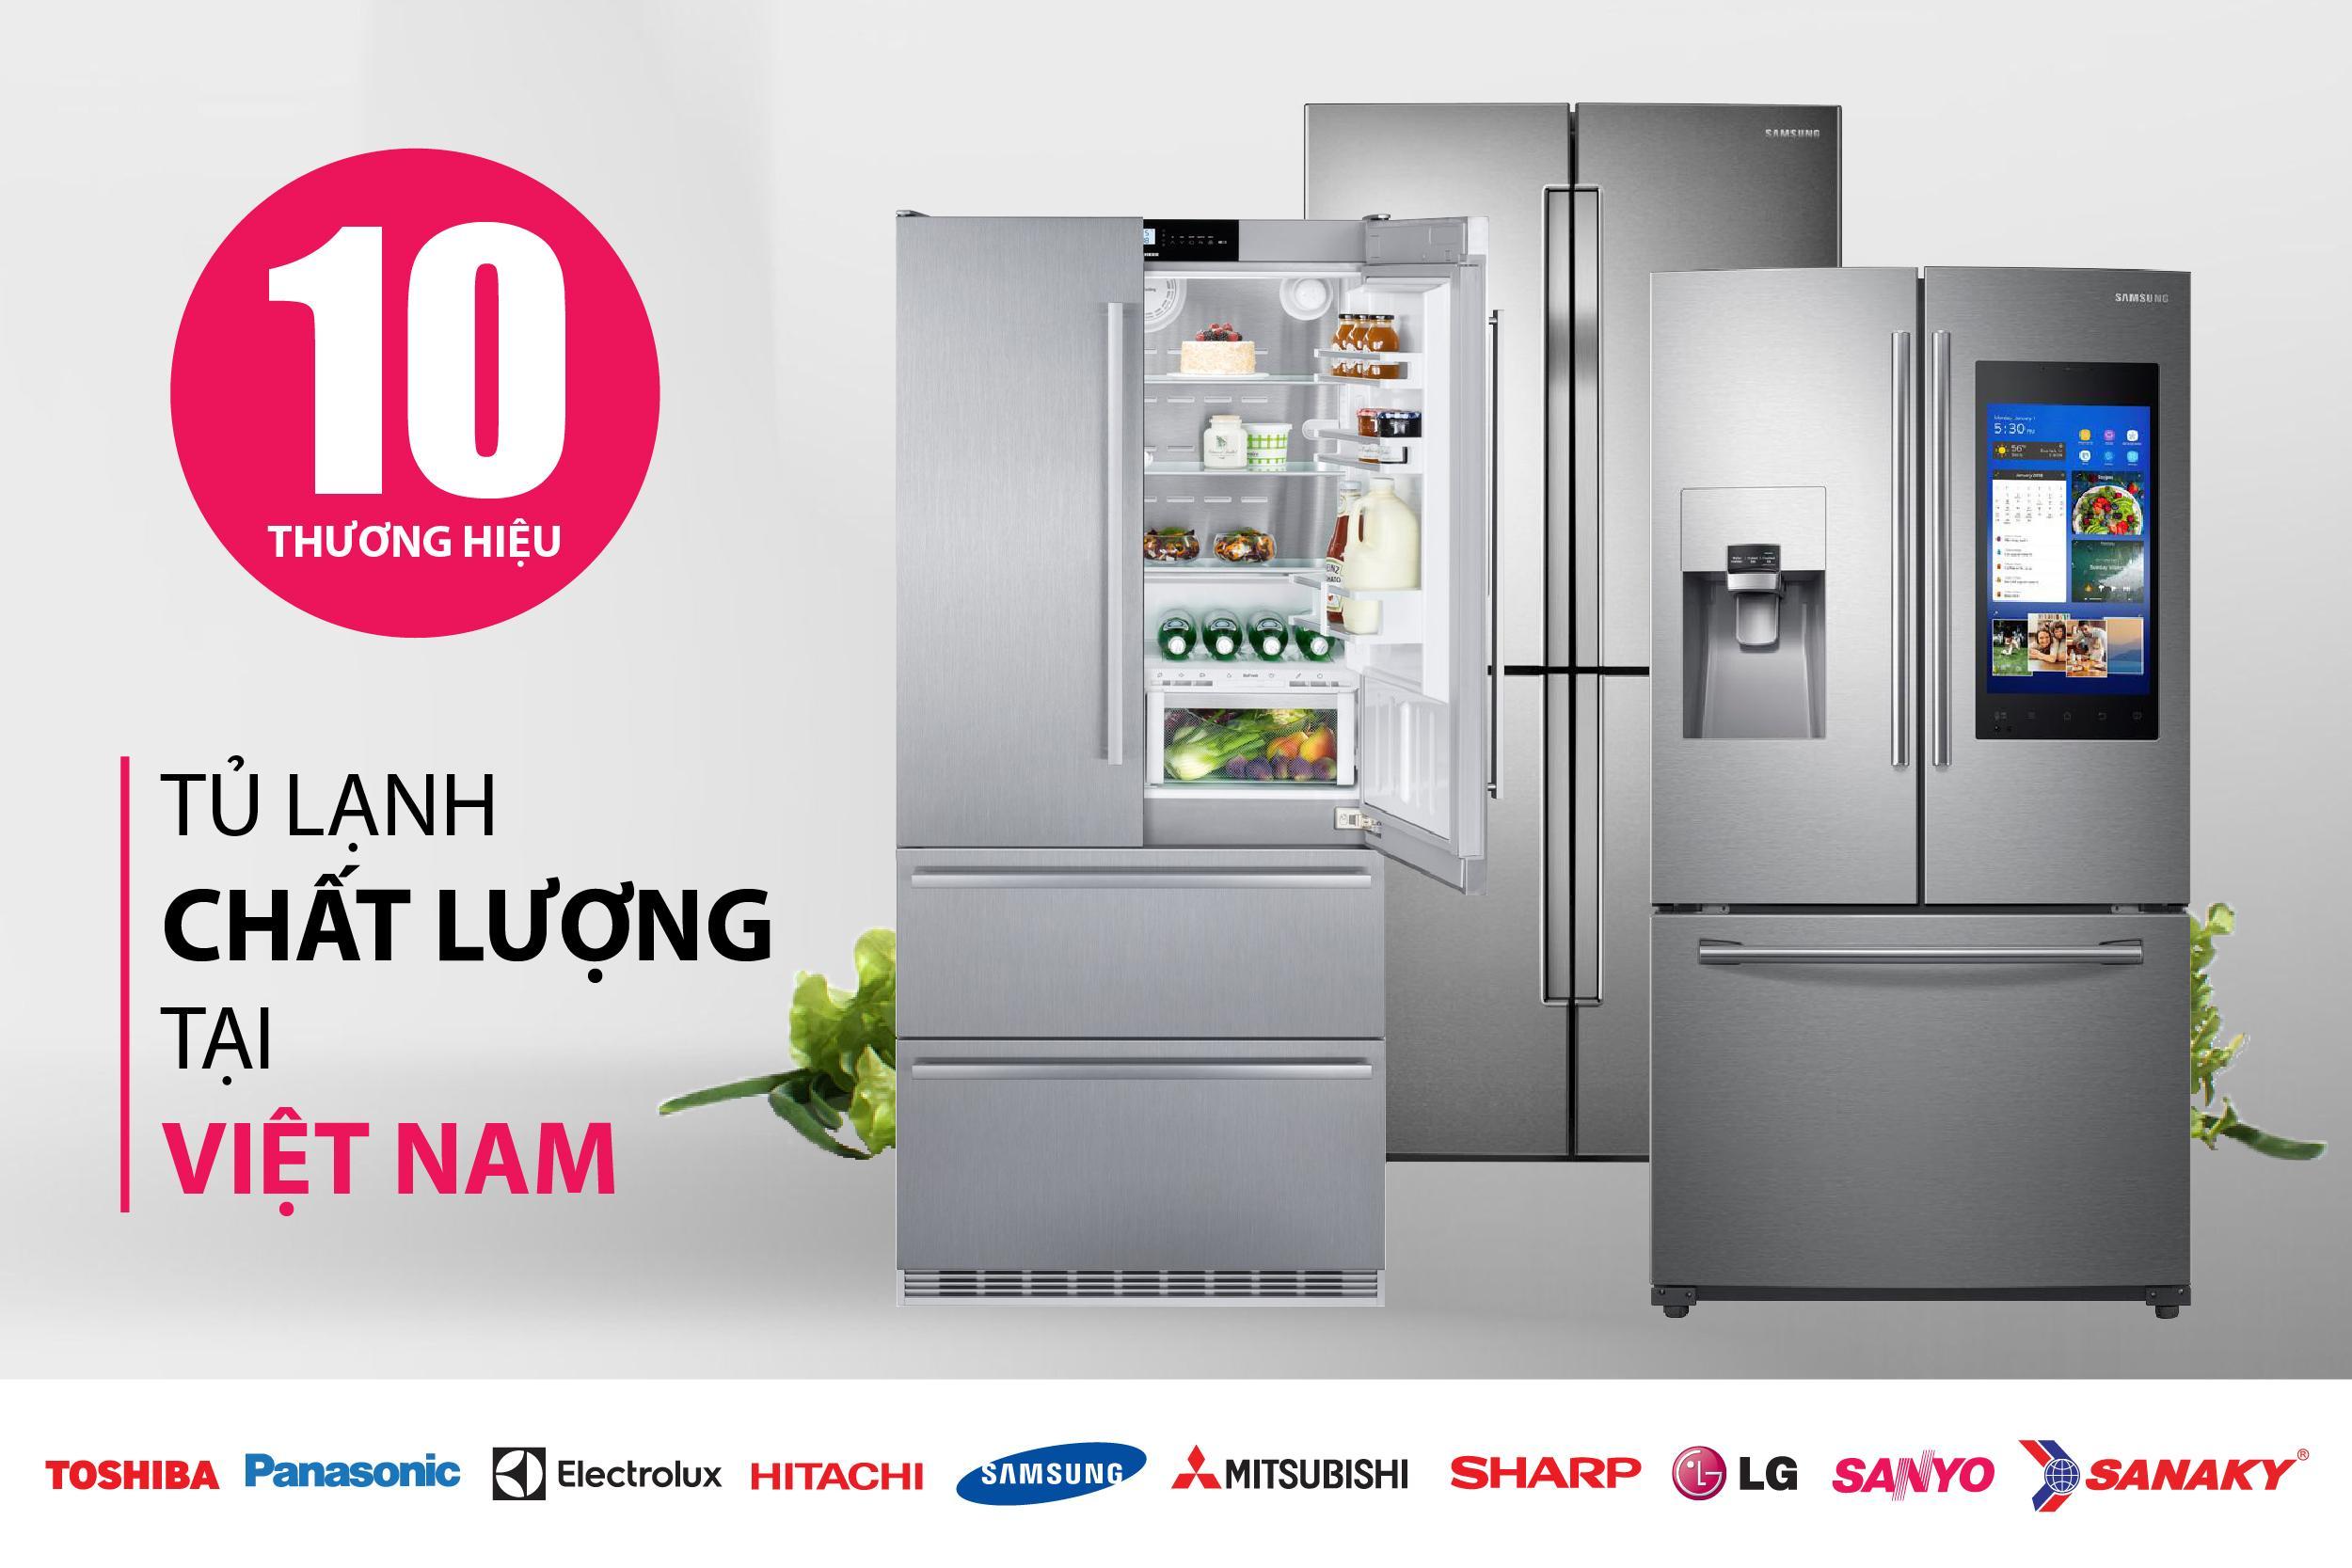 top 10 thương hiệu tủ lạnh chất lượng tại việt nam